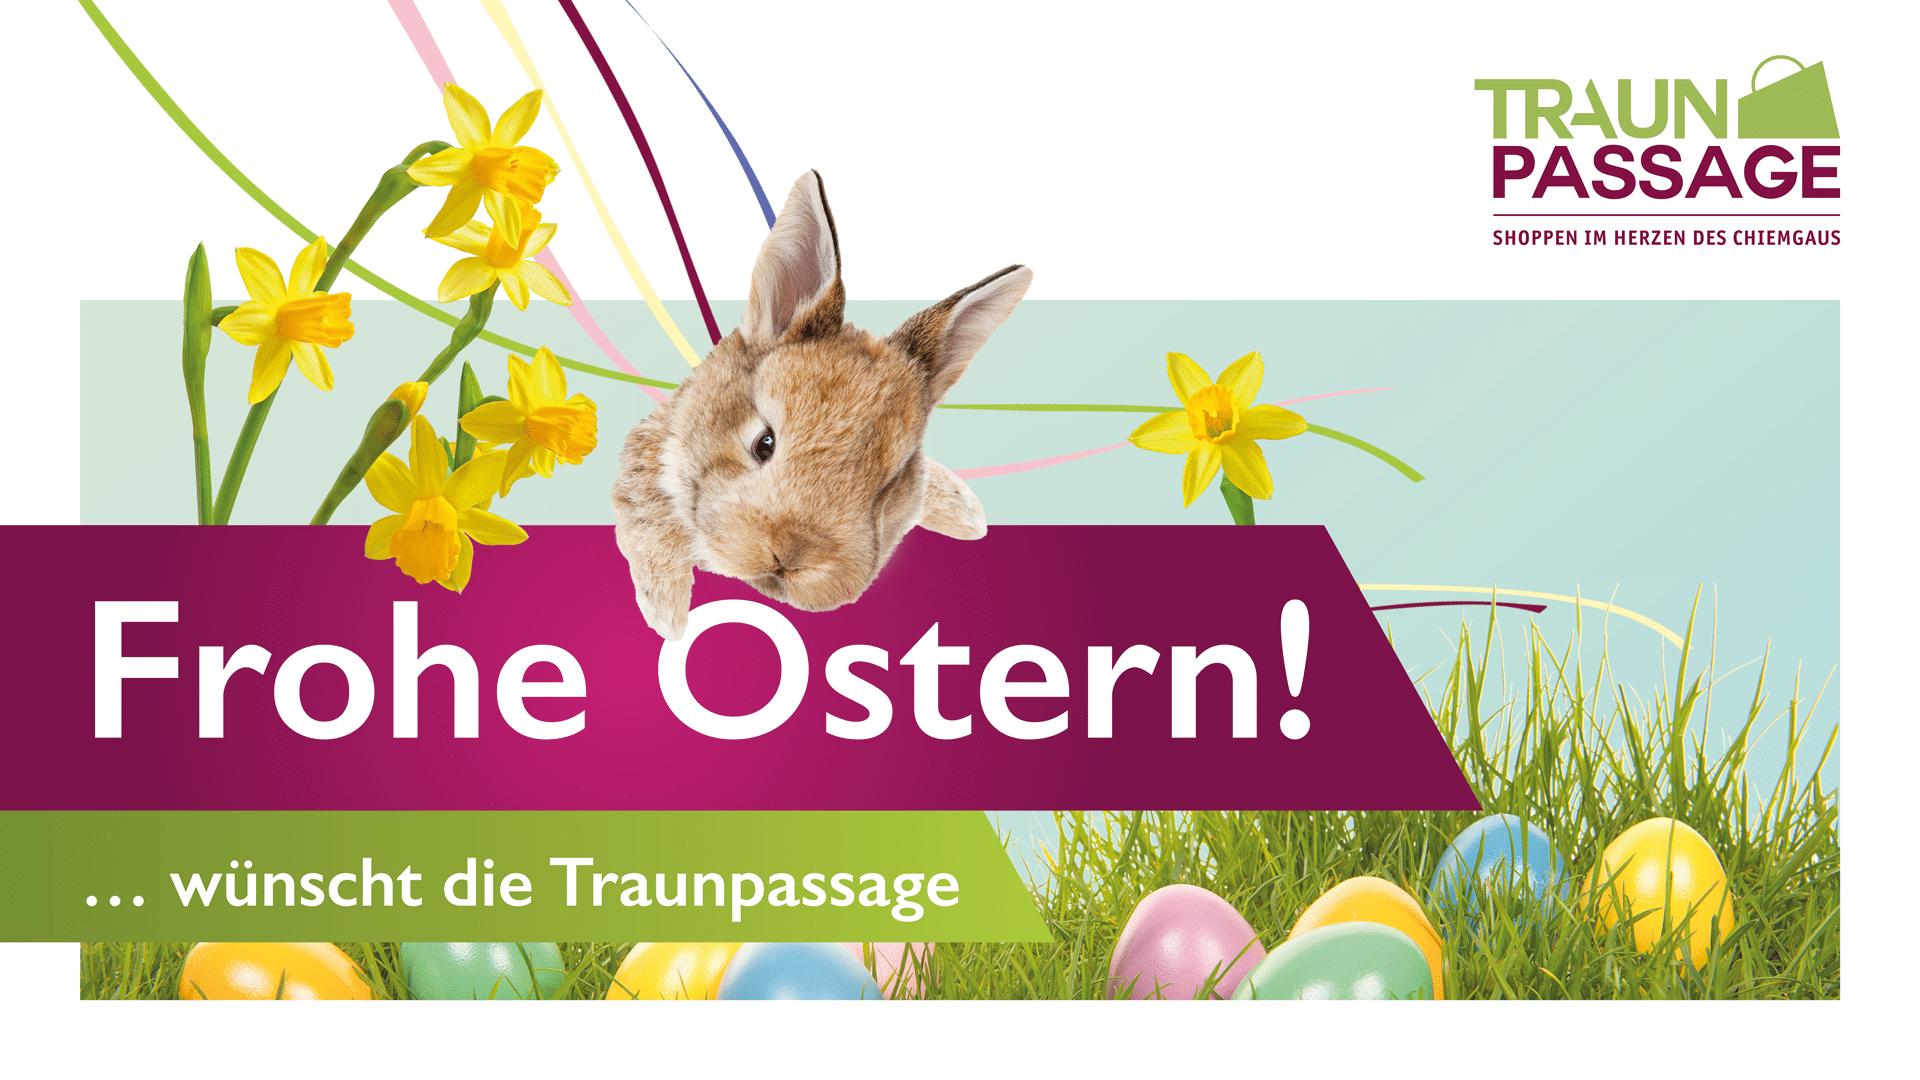 Website_Ostern_Traunpassage_1920x1080